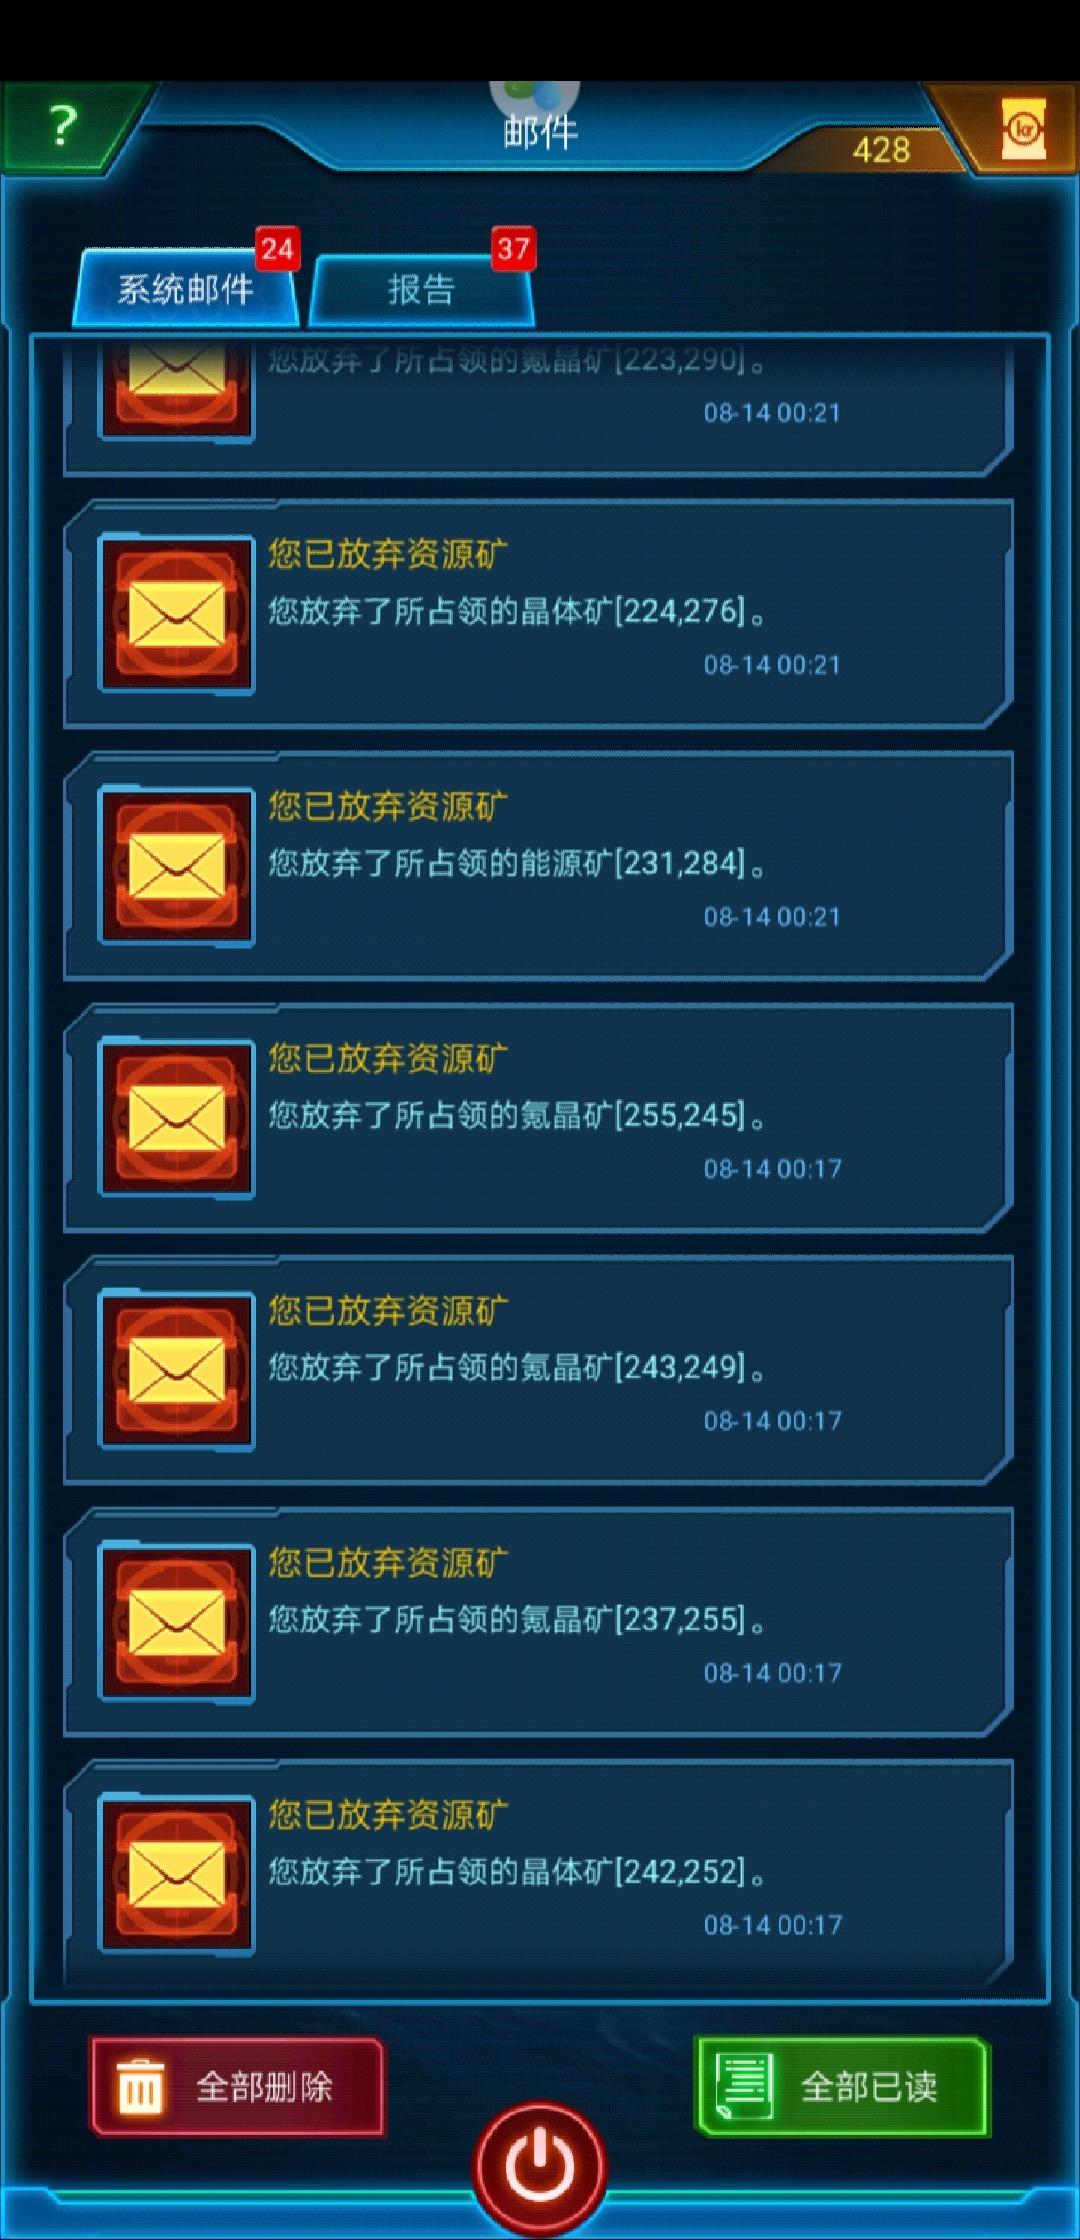 Screenshot_20180814-004035.jpg